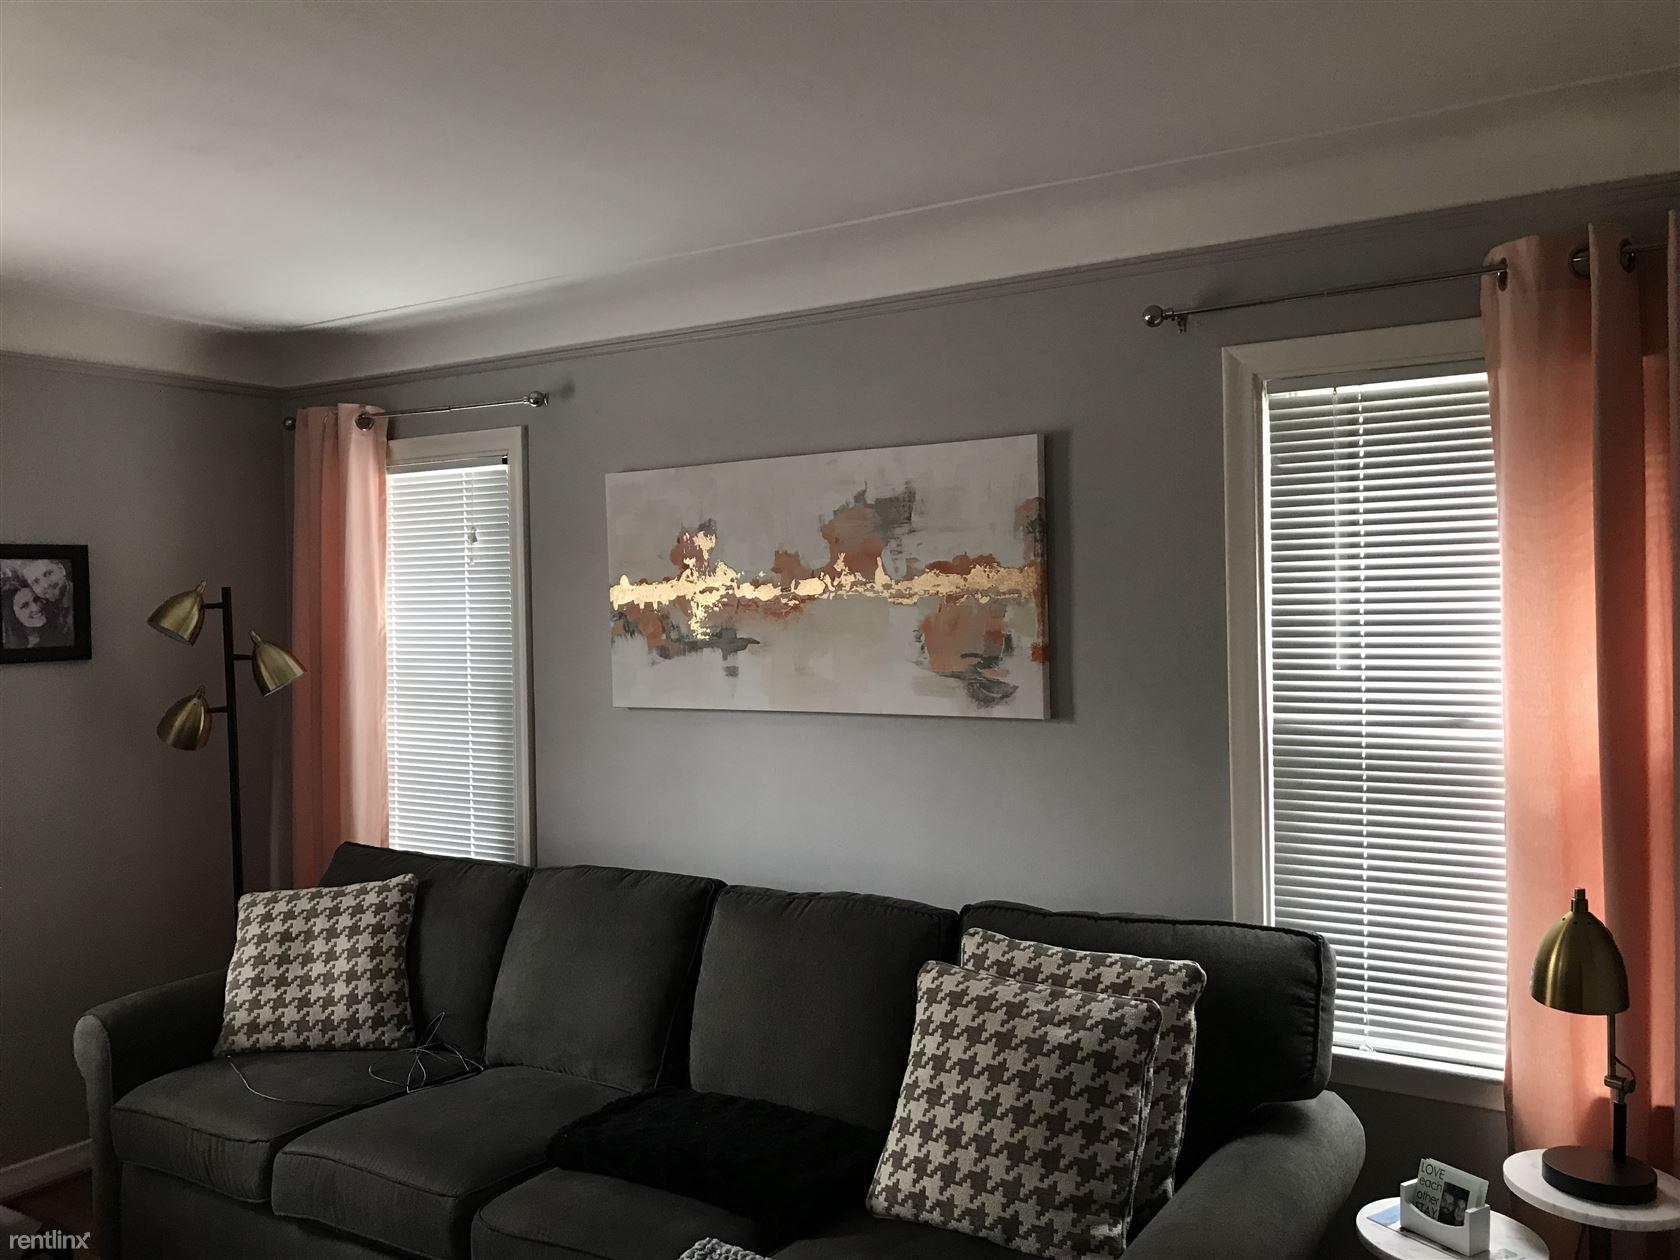 636 S Edison Ave, Royal Oak, MI - $1,750